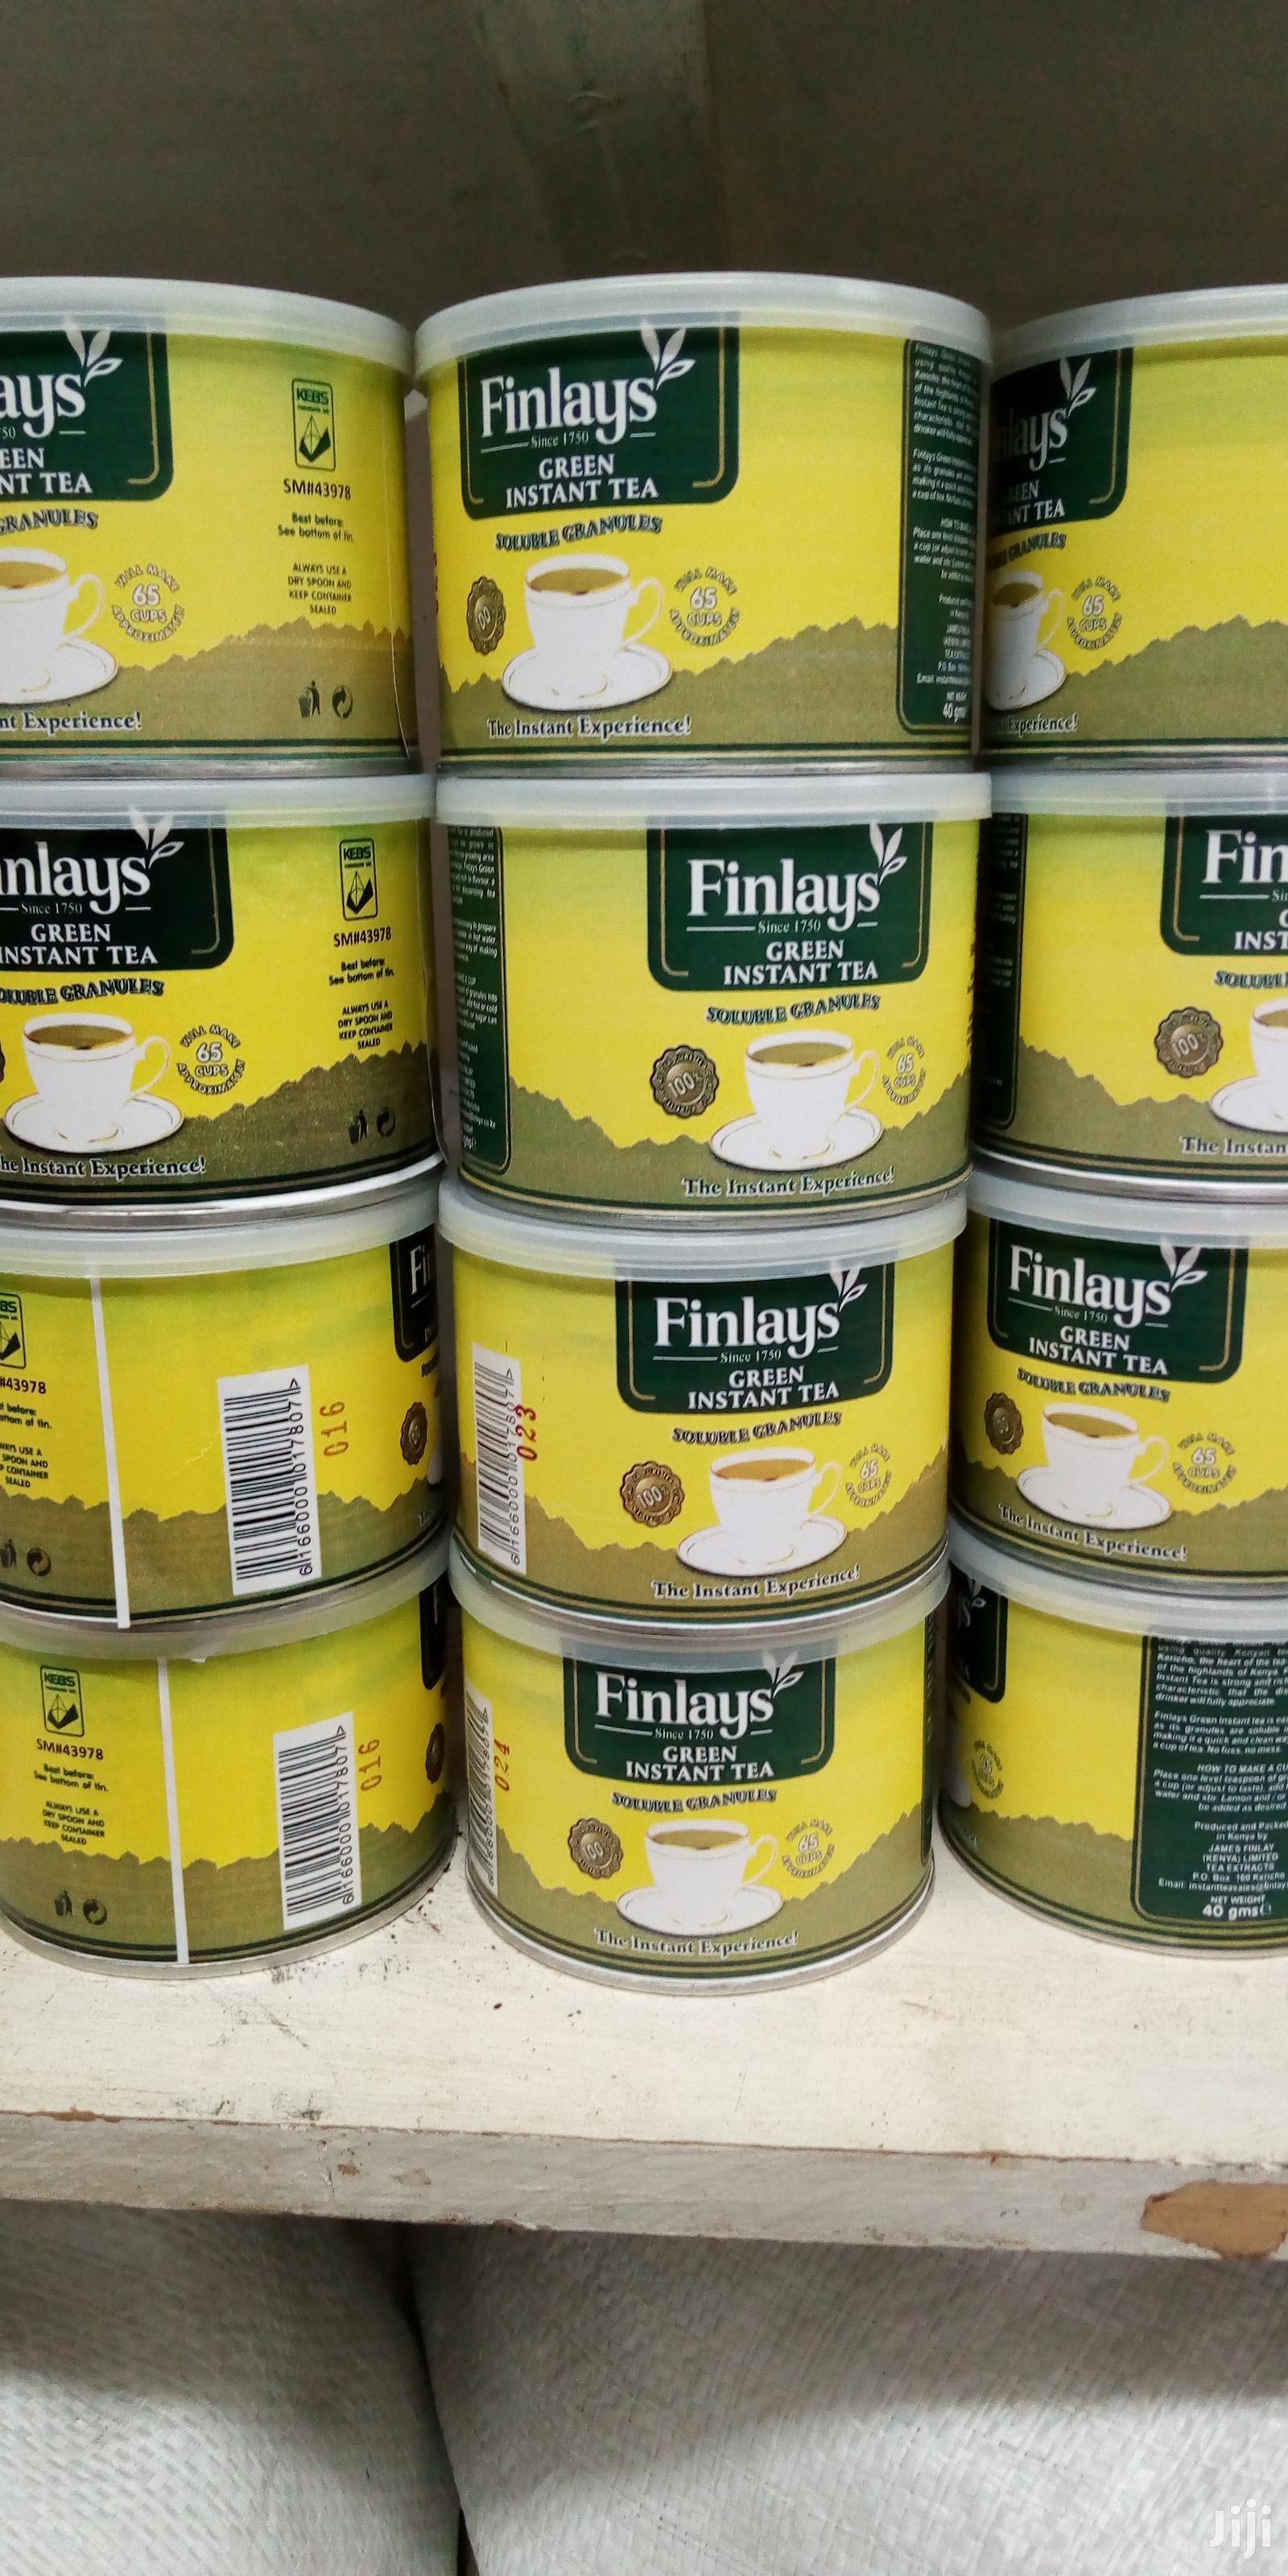 Finlays' Green Instant Tea, 40g | Meals & Drinks for sale in Cheptororiet/Seretut, Kericho, Kenya